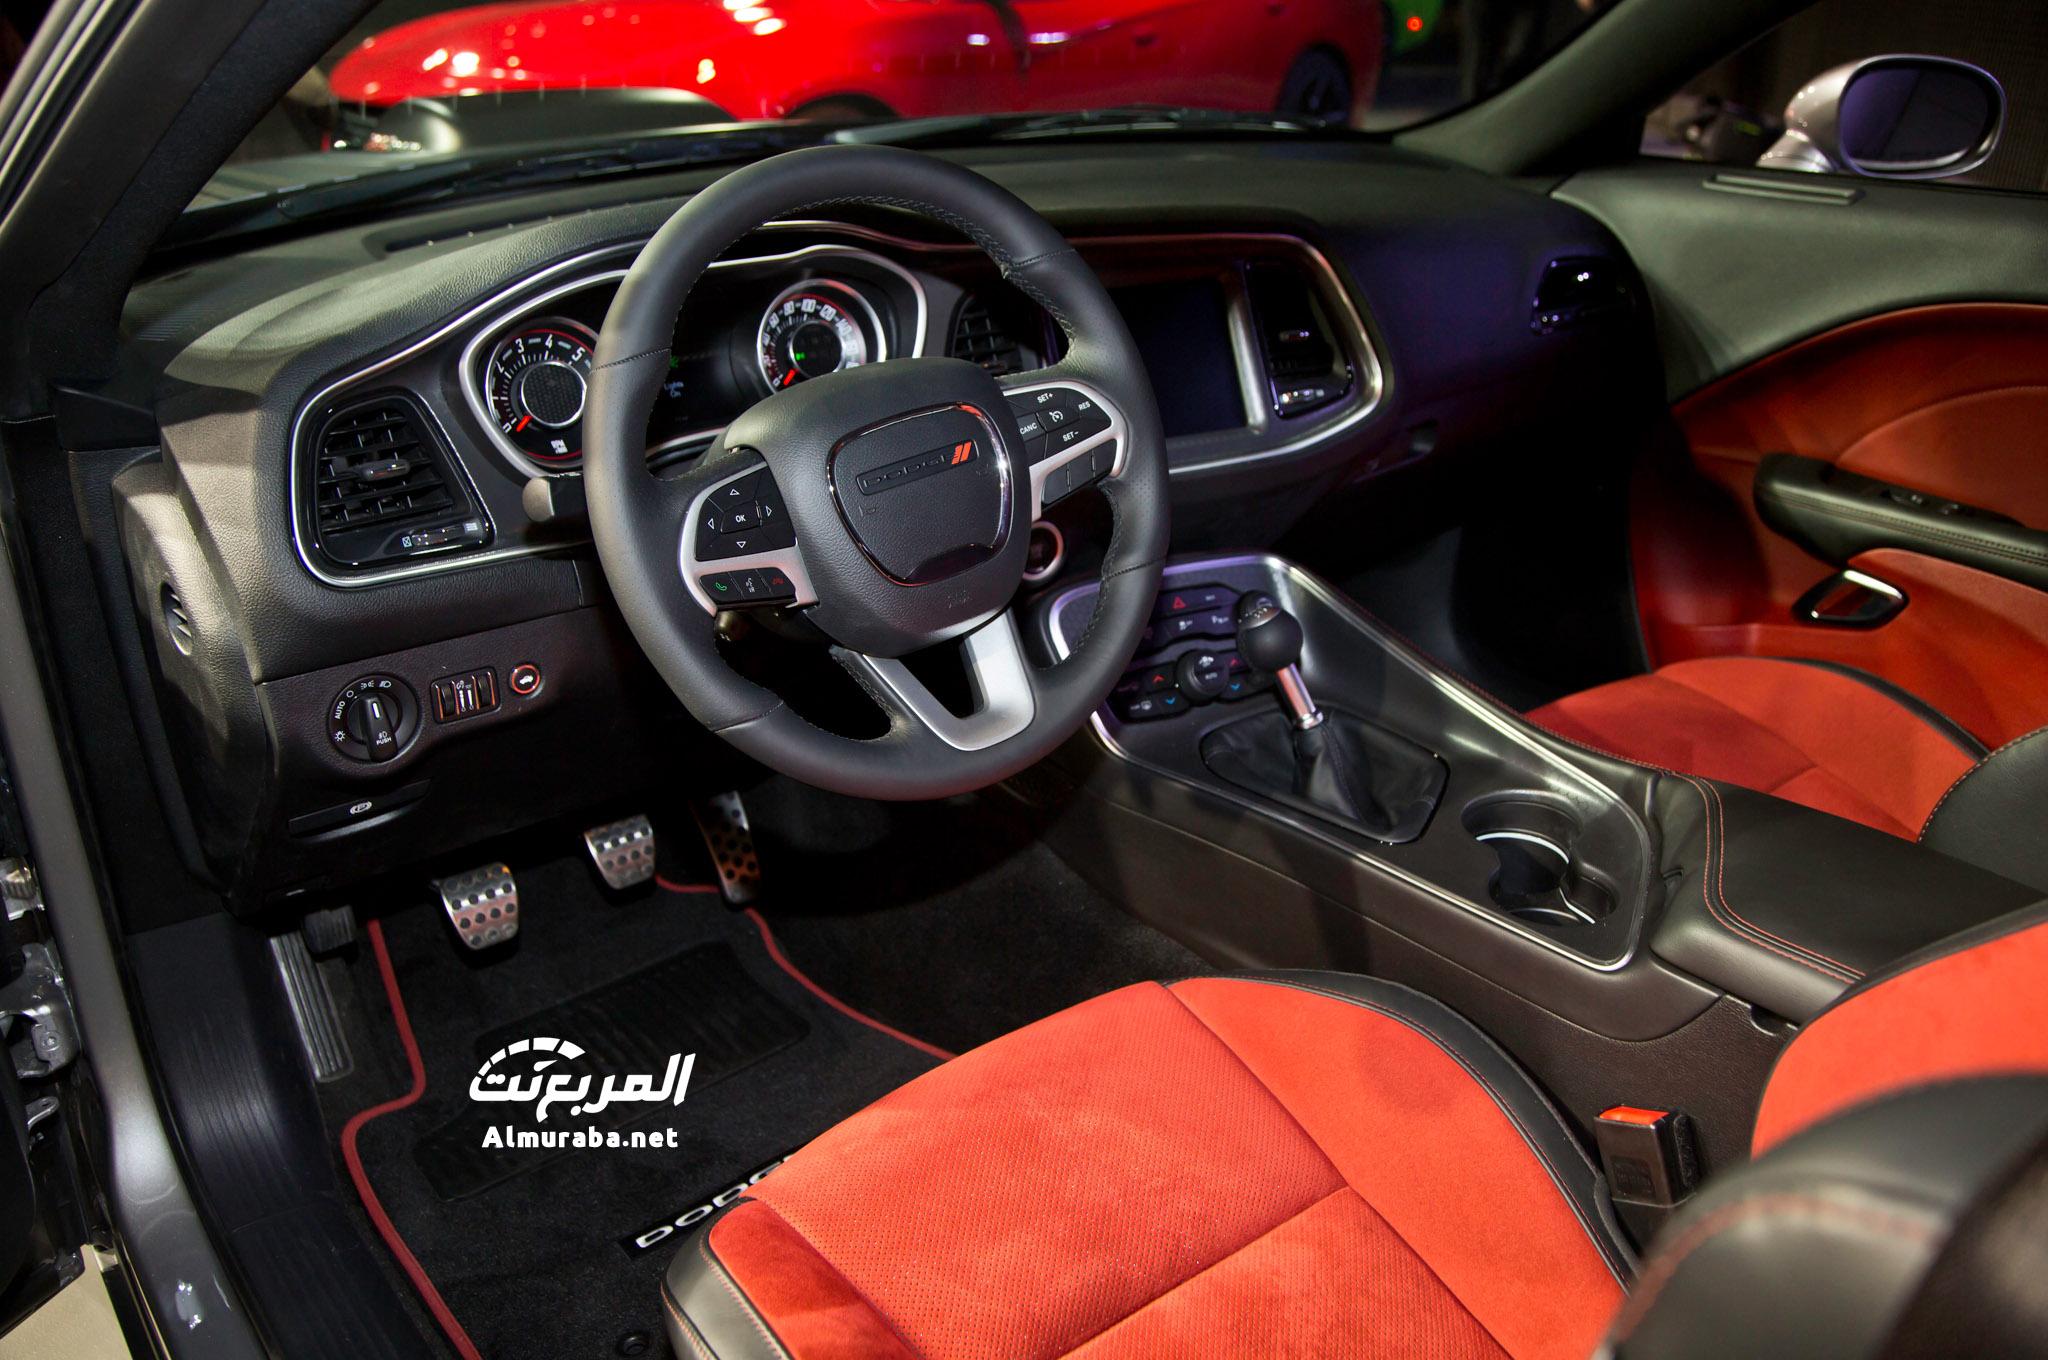 Dodge Challenger Hemi Scat Pack Shaker Interior on Dodge Hemi V8 Motor